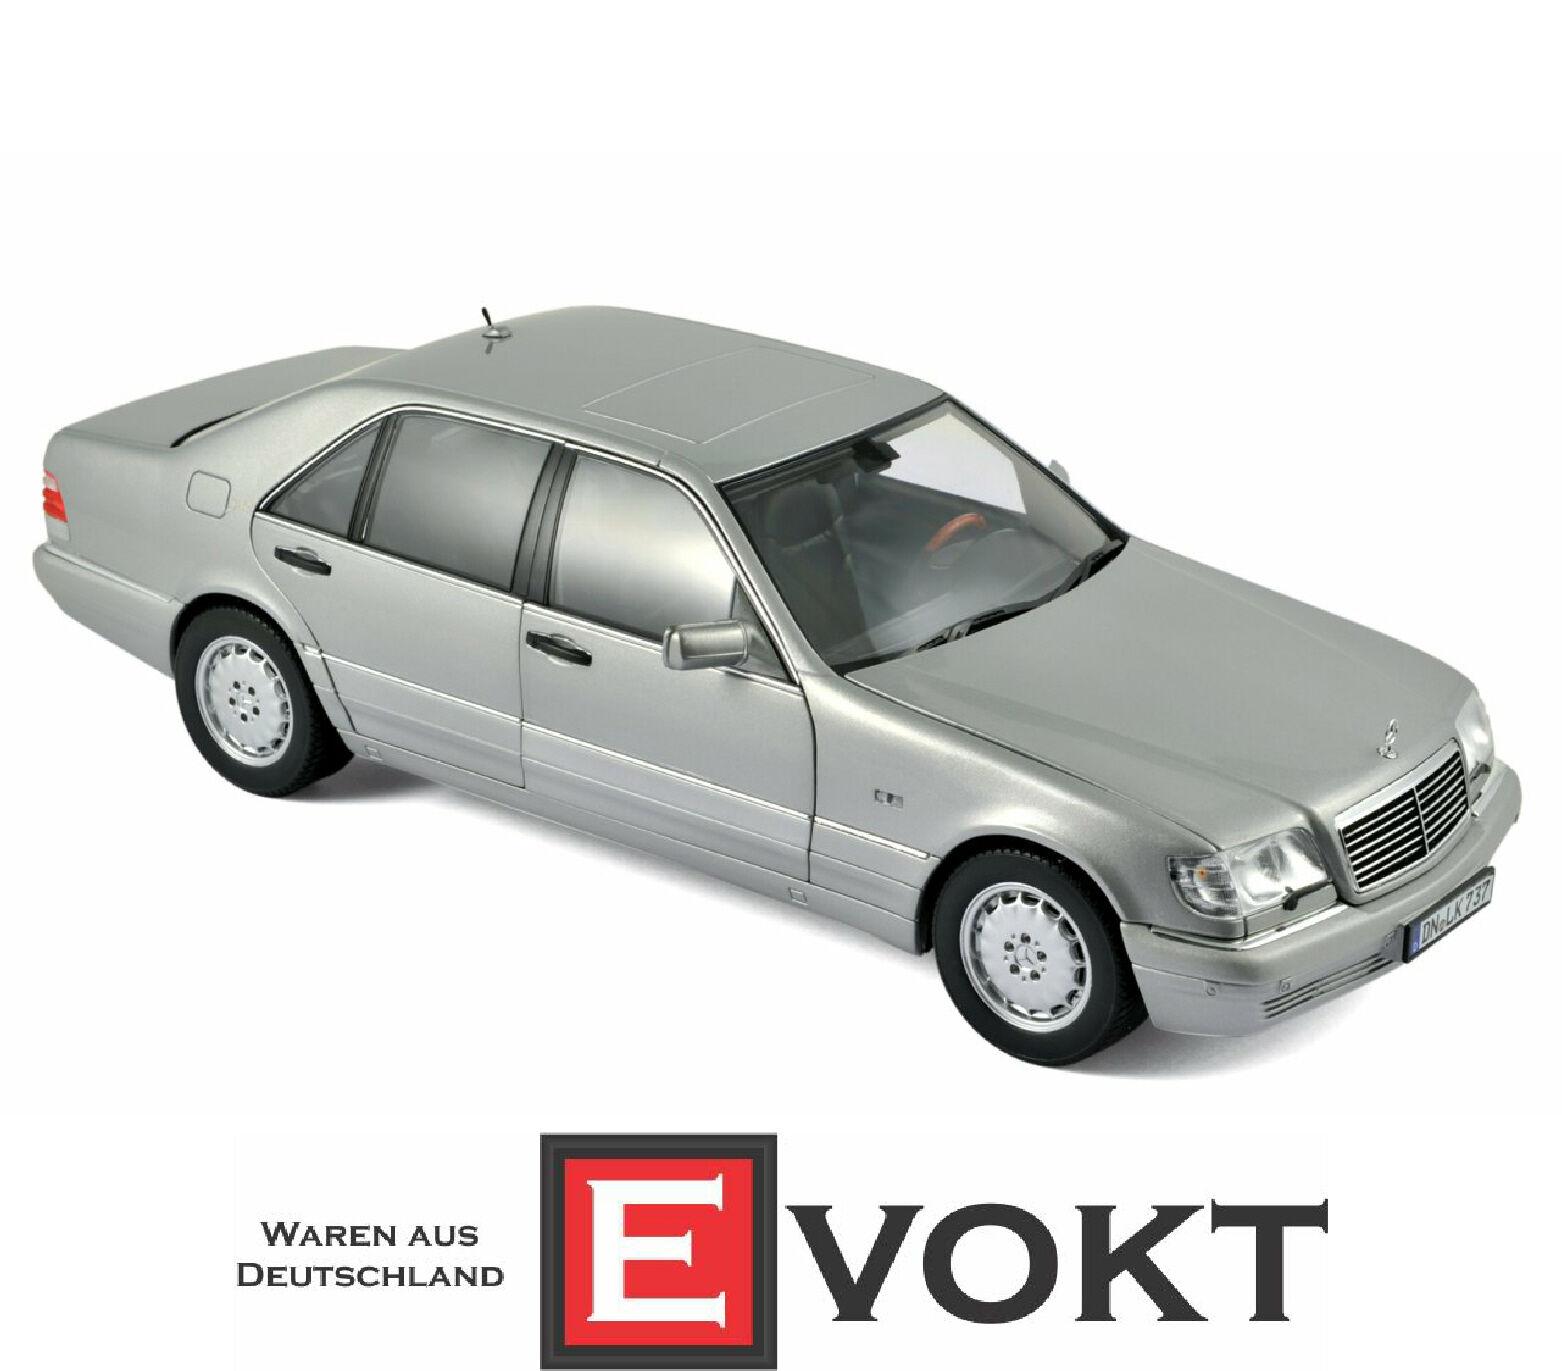 Mercedes-Benz S 600 Argent construit en 1997 échelle 1 18 par NOREV